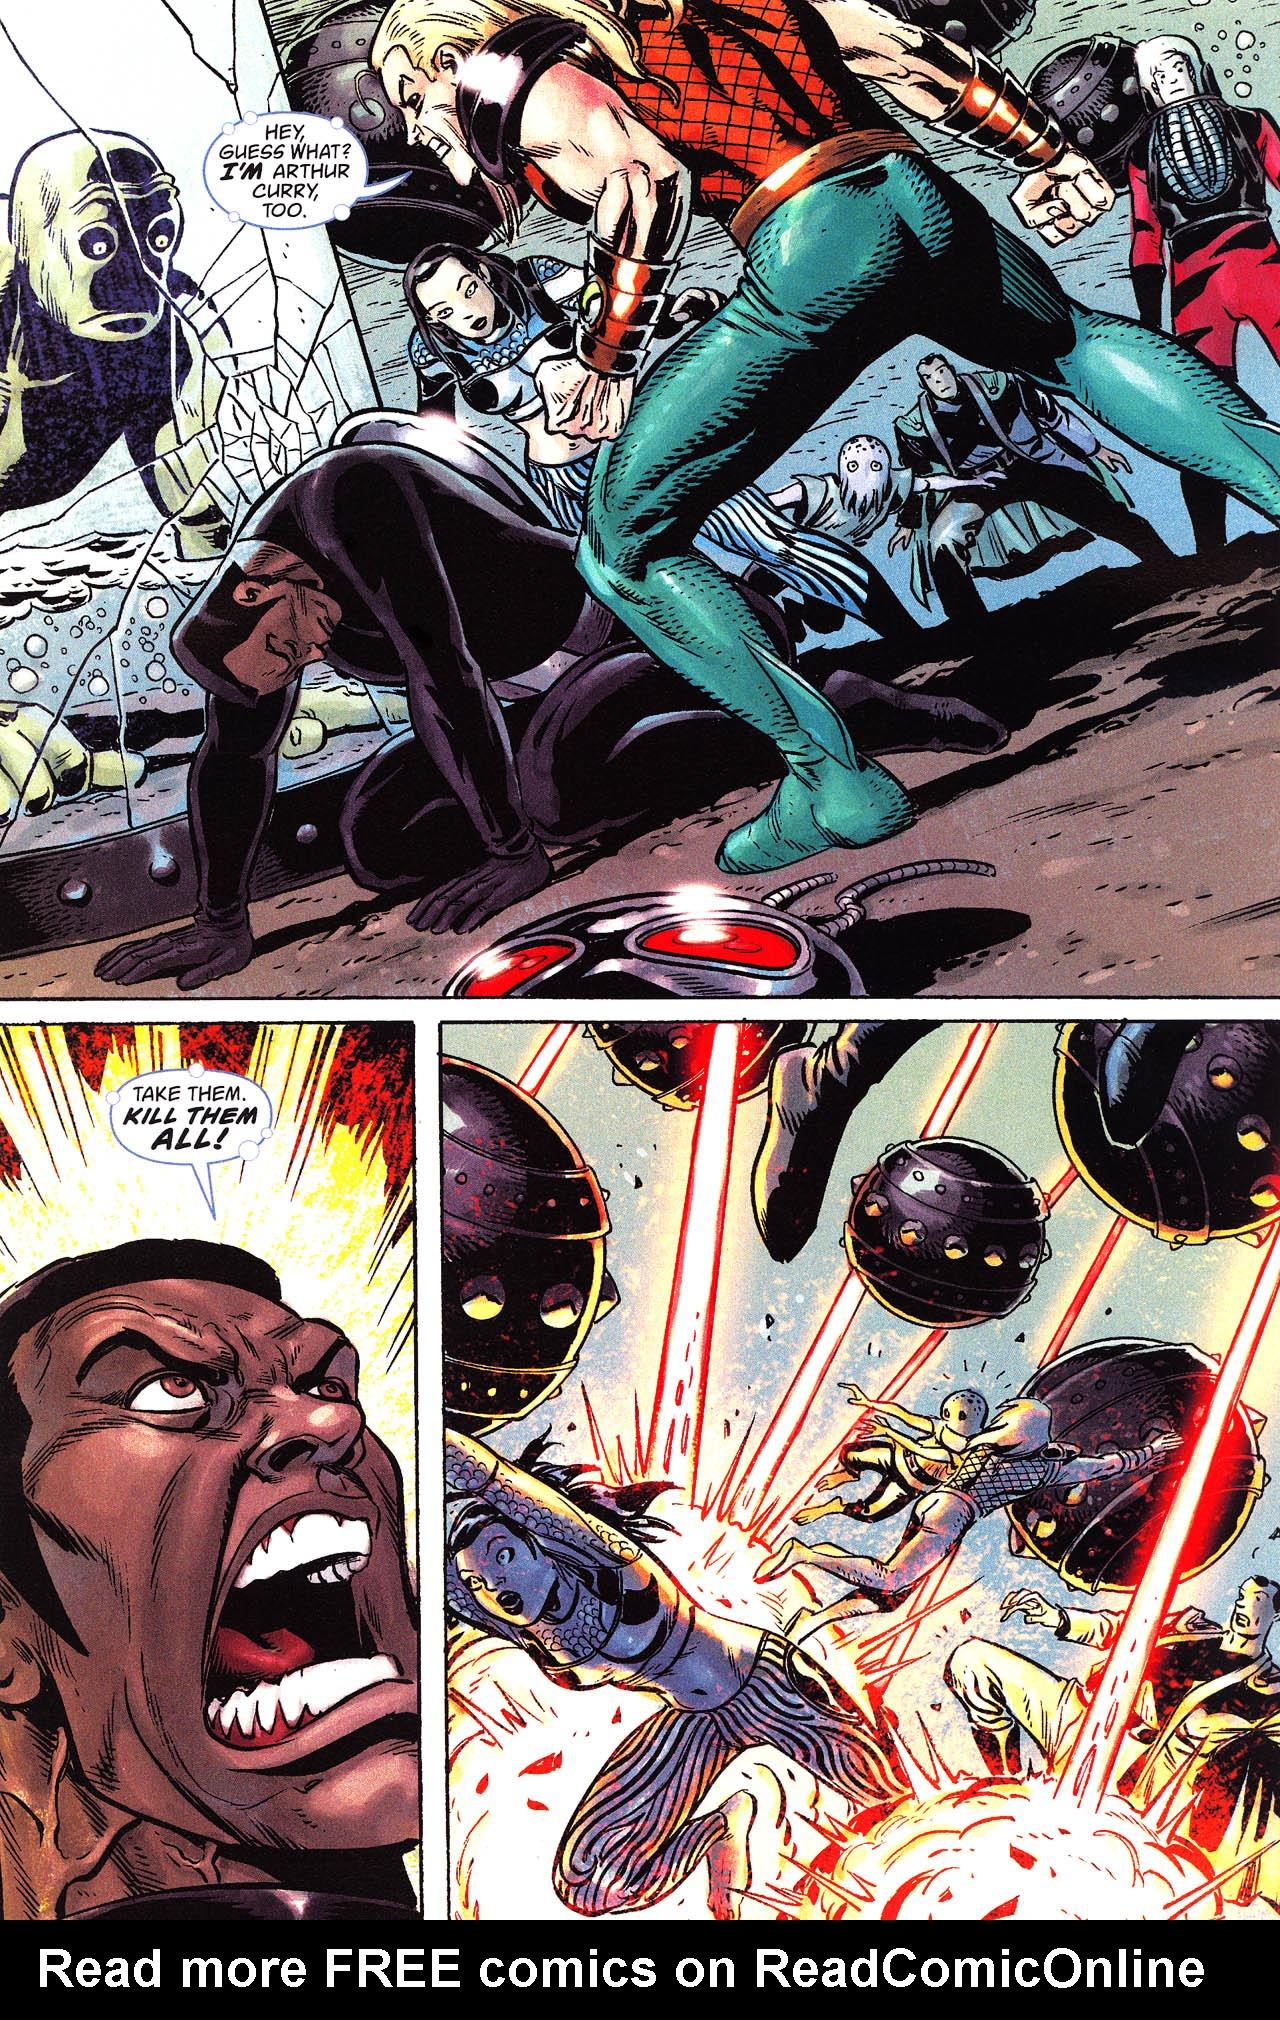 Read online Aquaman: Sword of Atlantis comic -  Issue #52 - 8